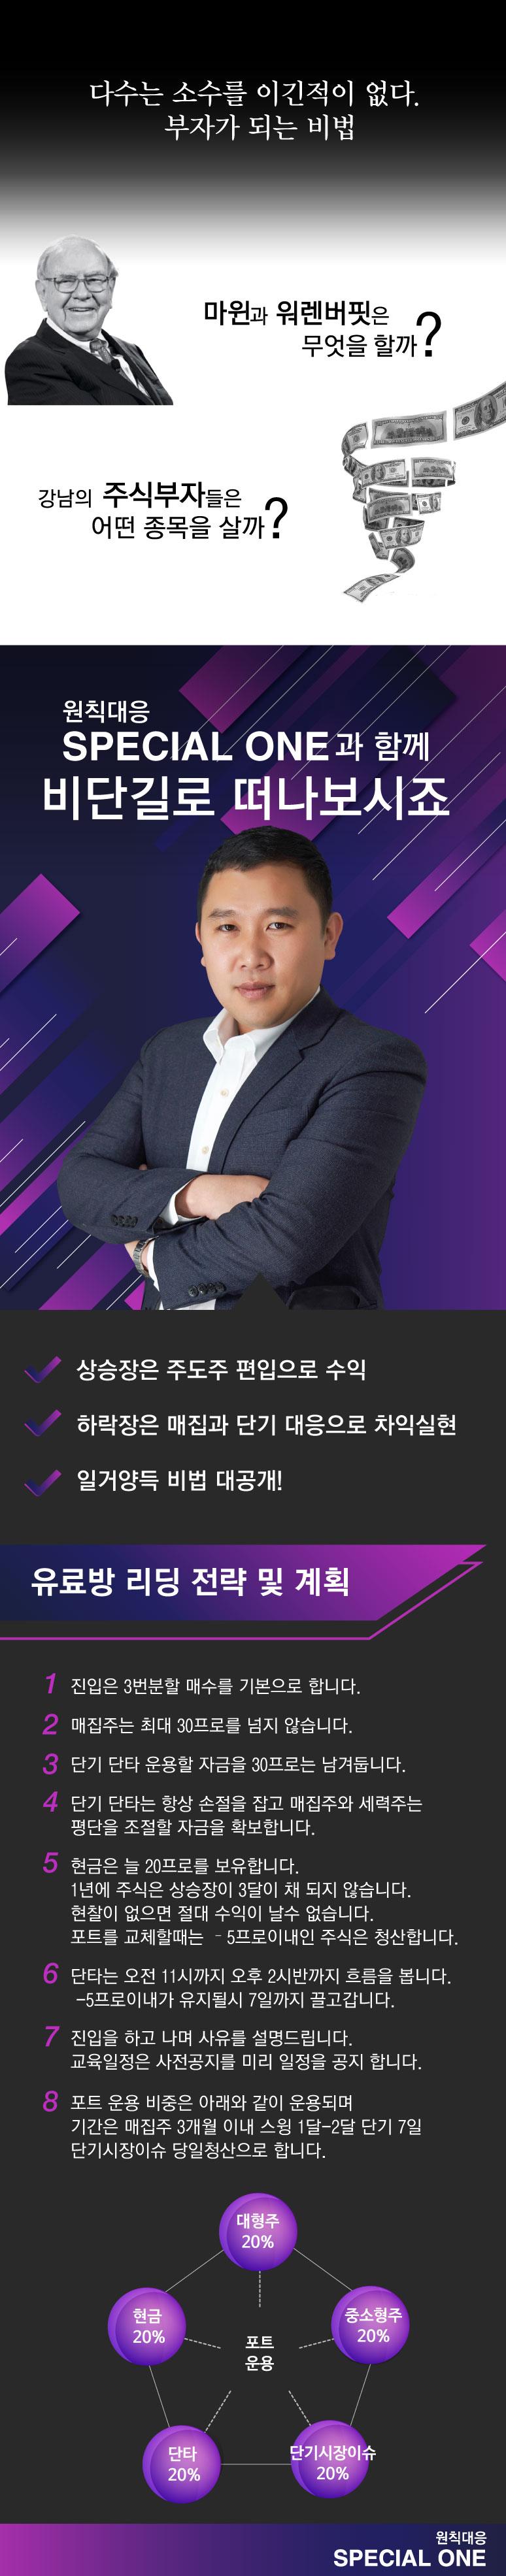 2020/20200110김민준배너(3).jpg